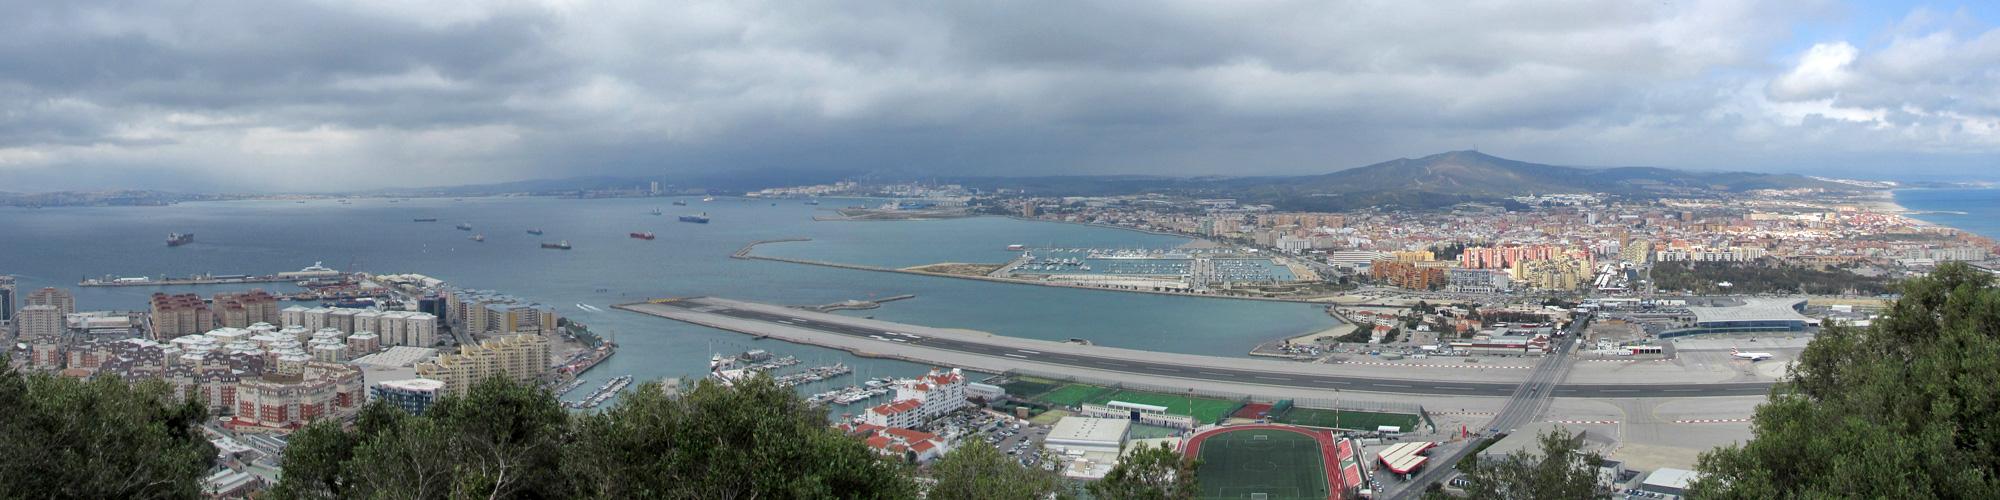 Gibraltar - Im Norden